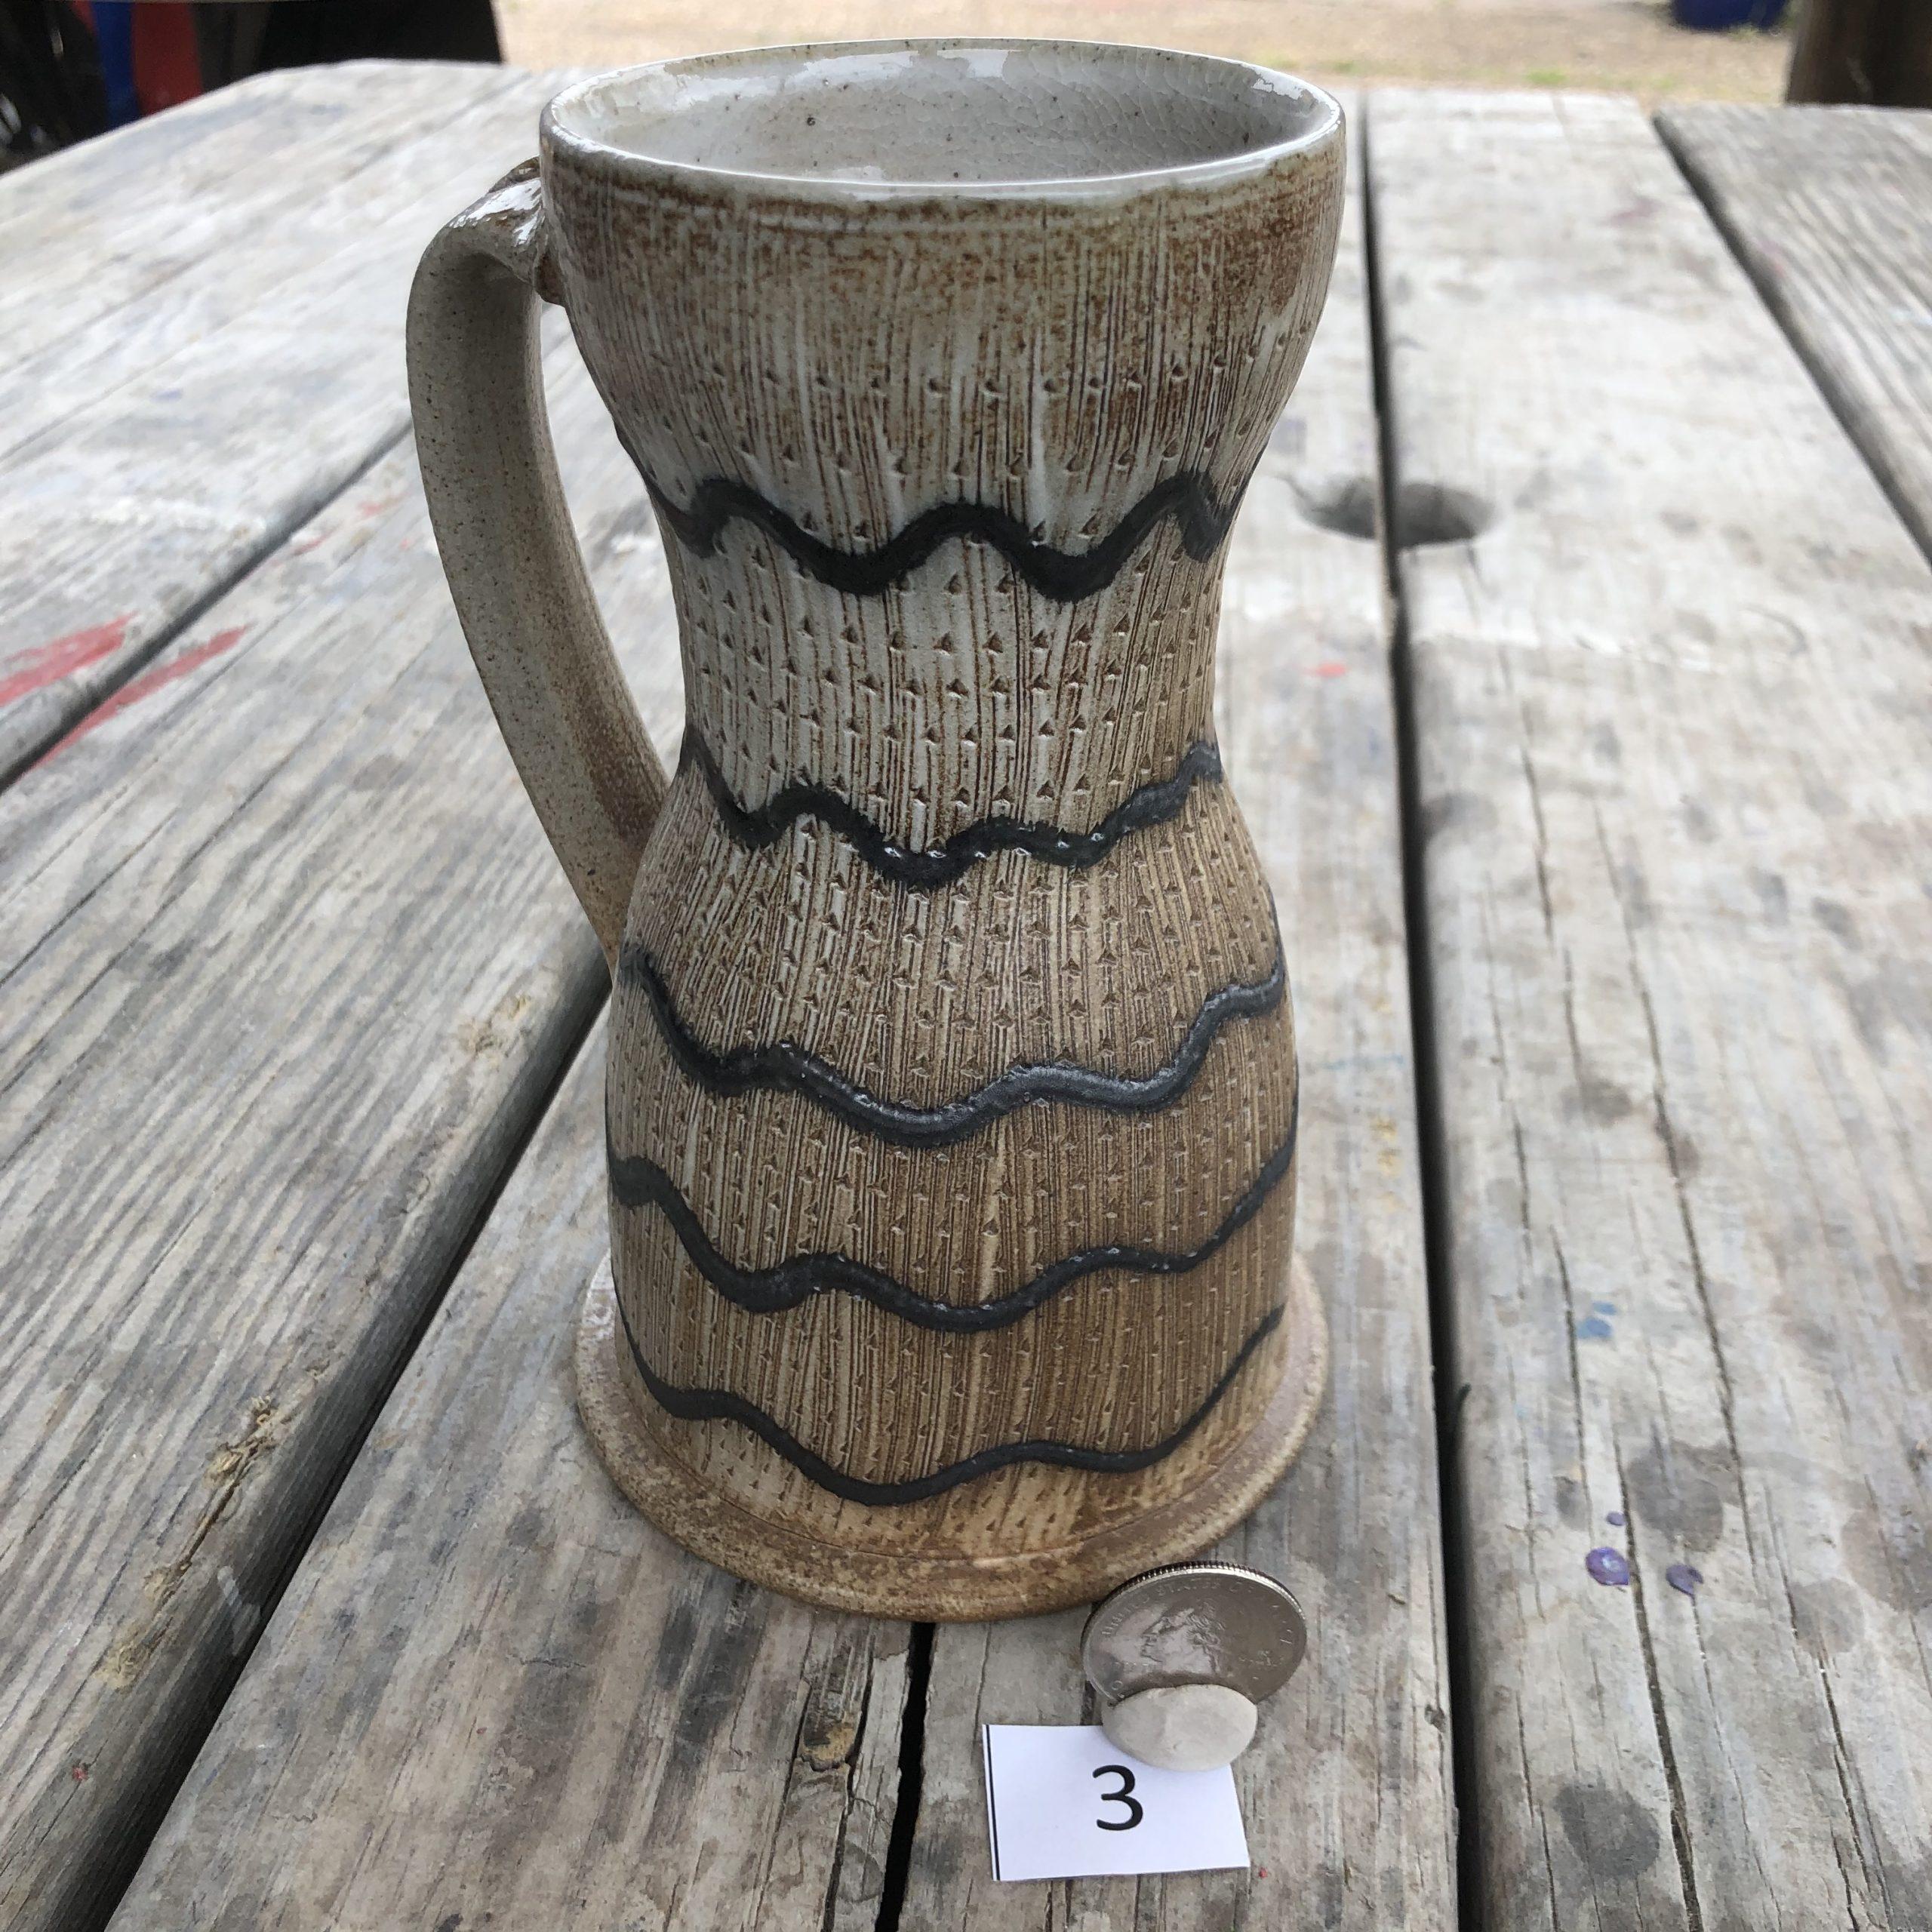 Dan Finnegan Chatter/Wave Mug #3